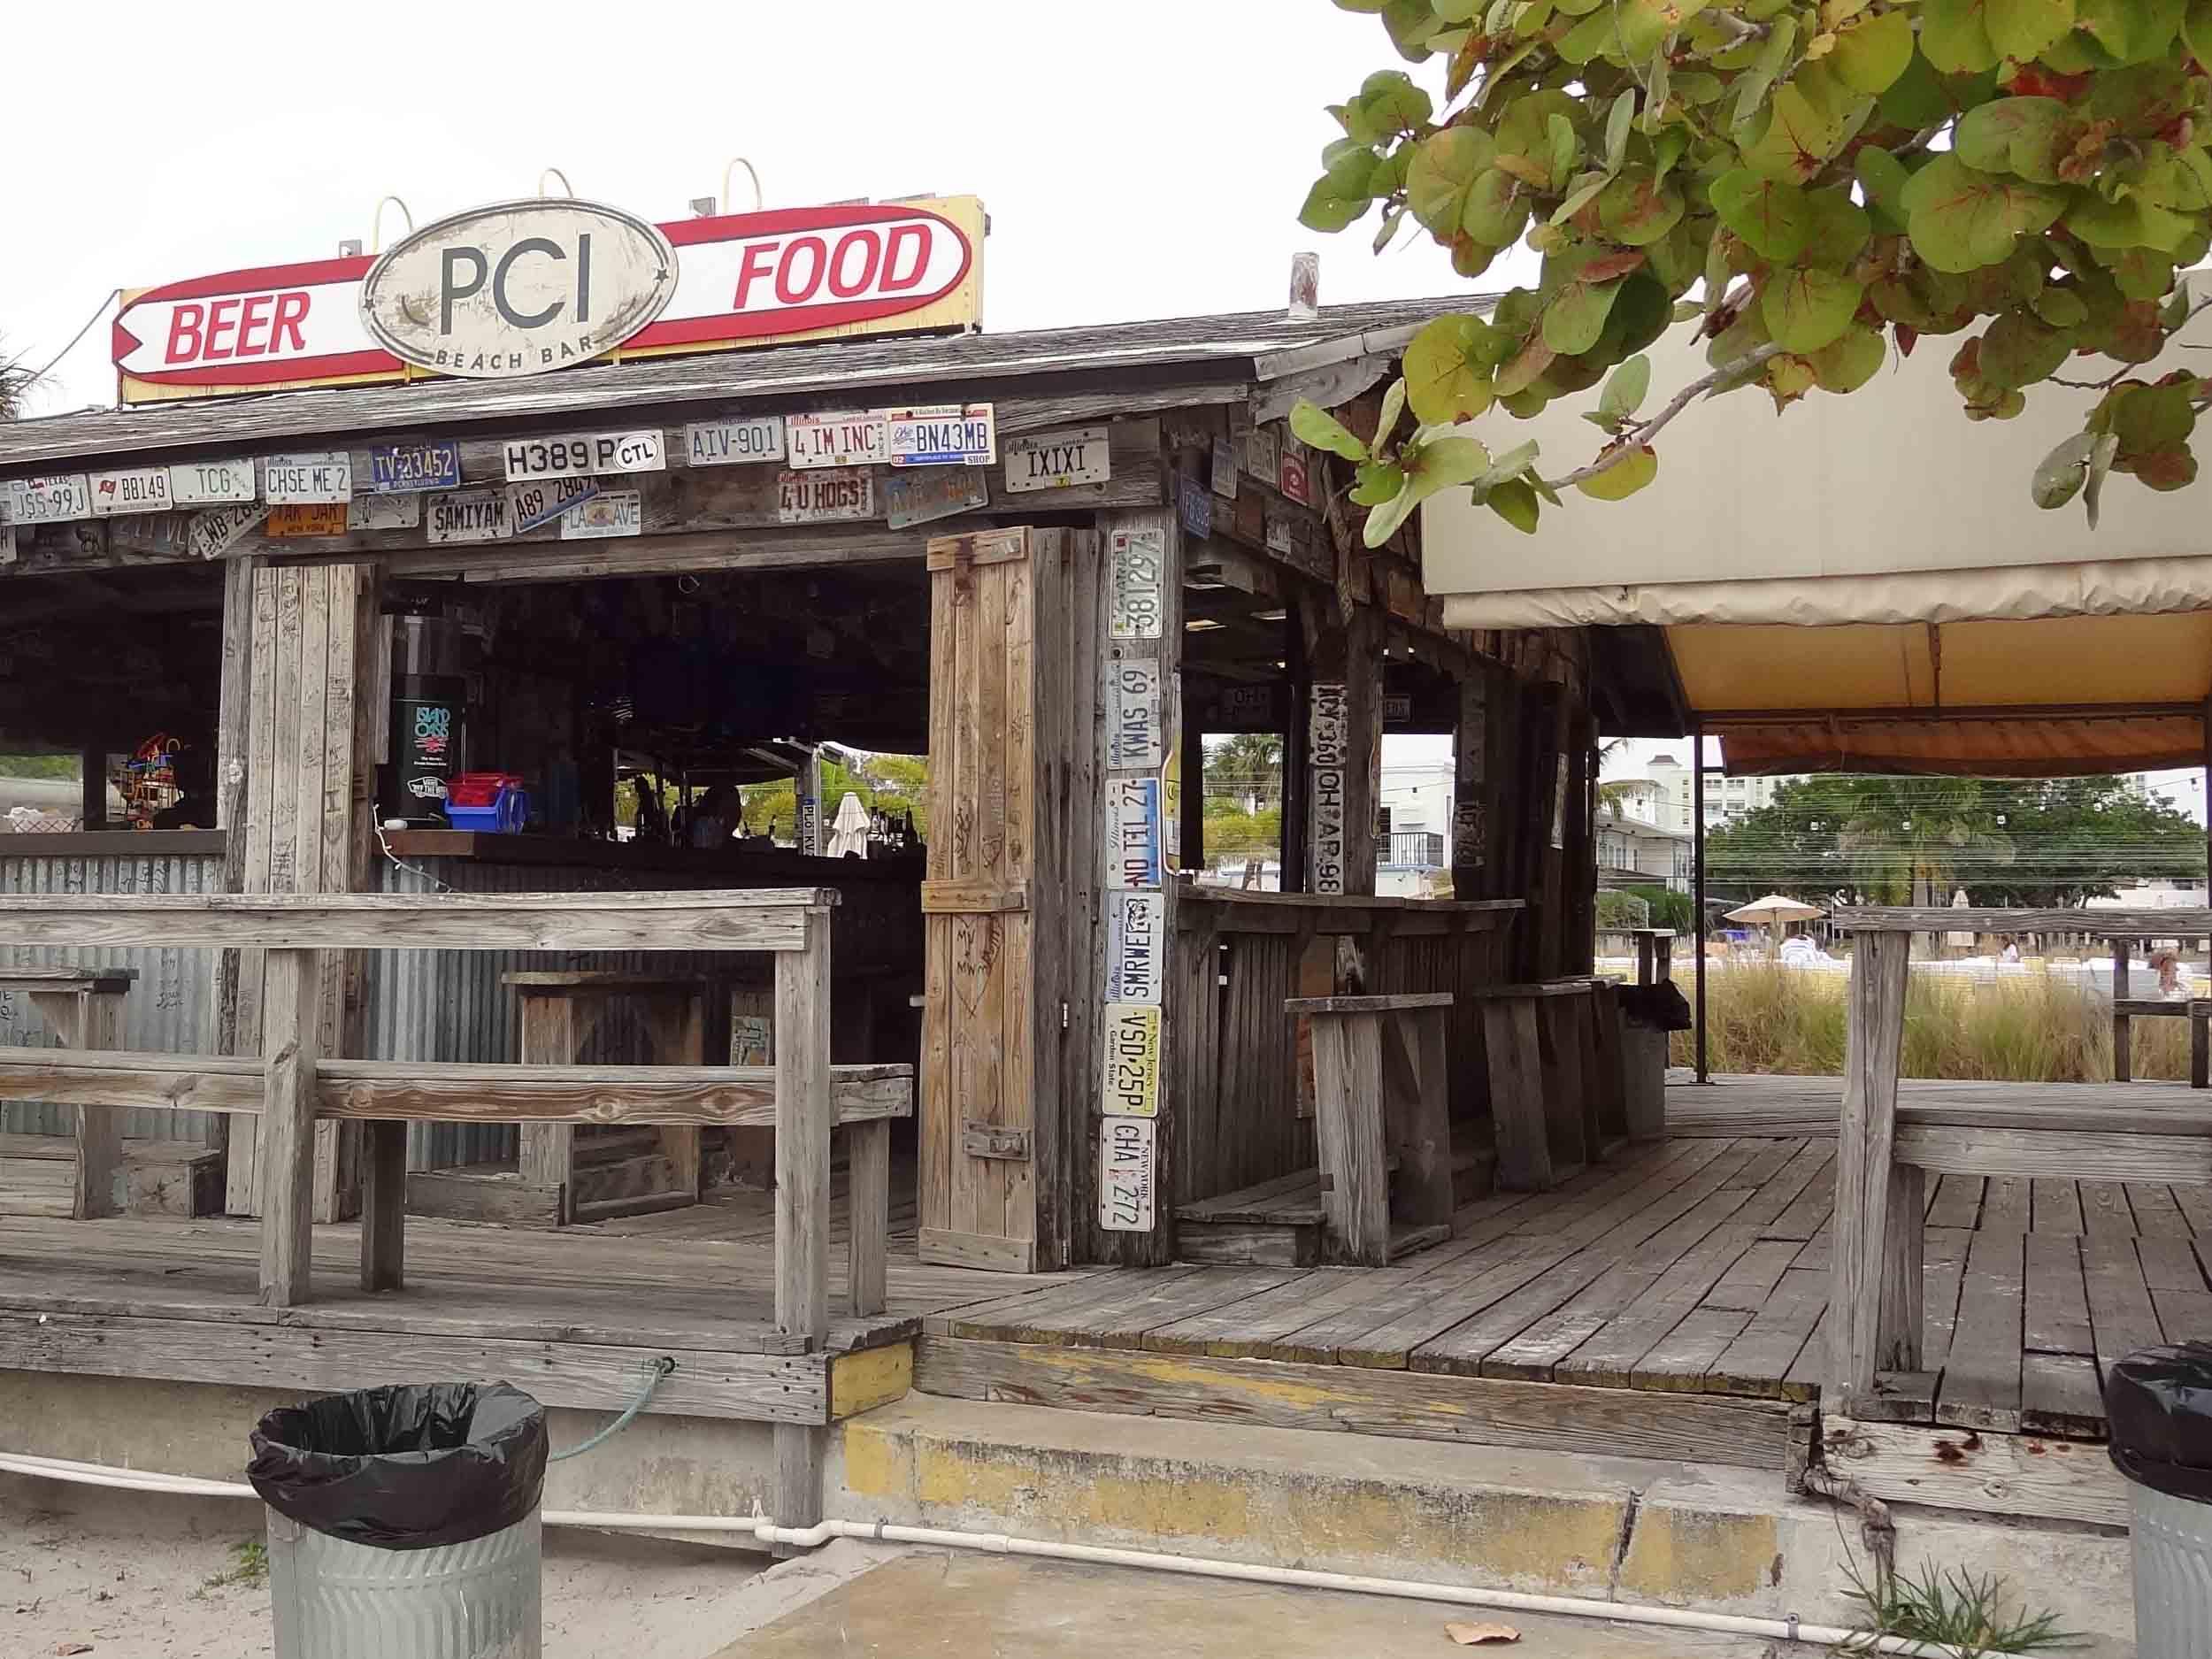 Postcard Inn on the Beach Entrance